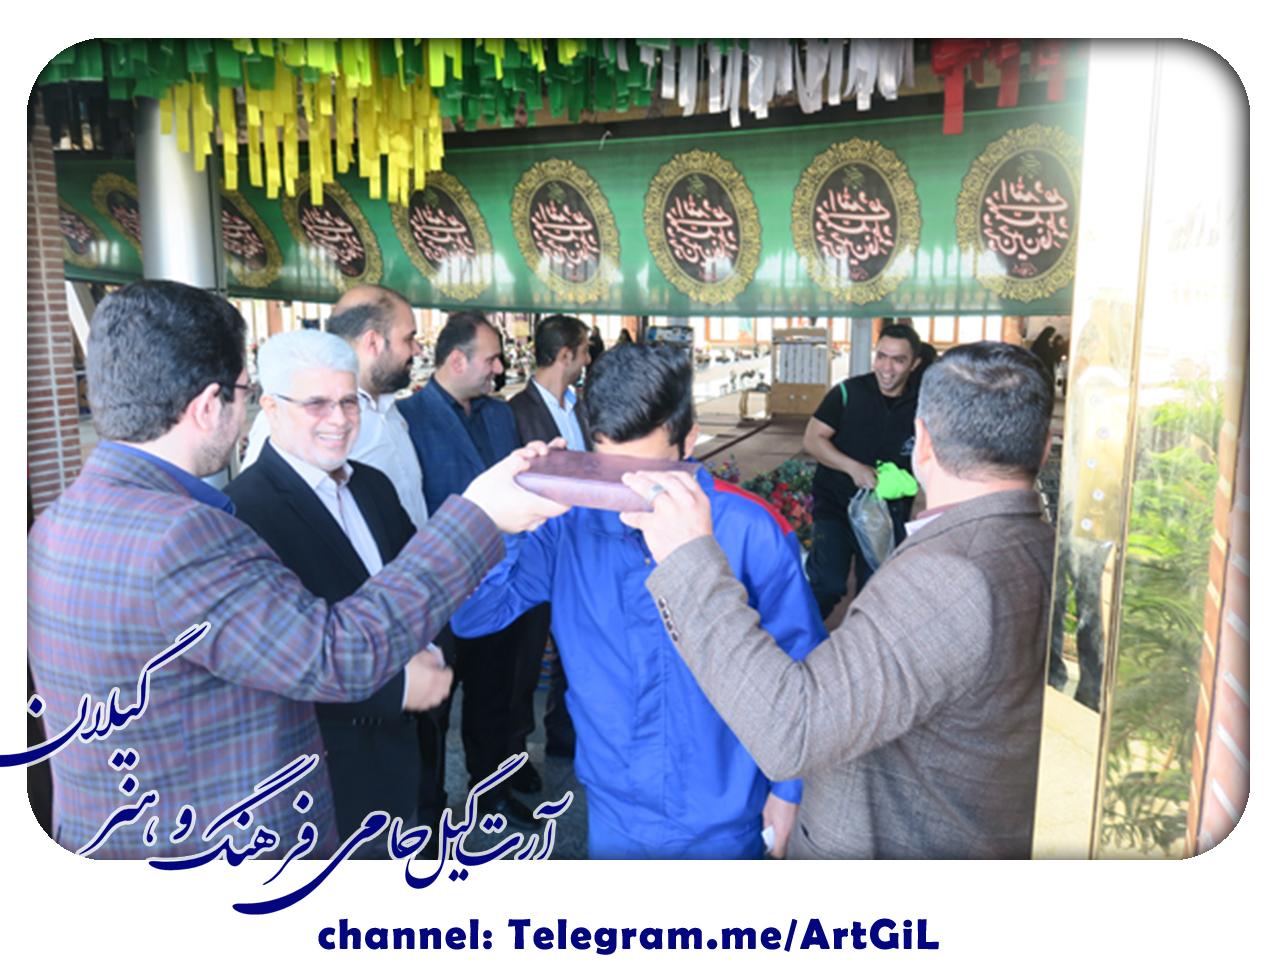 گزارش تصویری مراسم بدرقه کاروان دوم خودرویی و گروه پیشرو اعزامی به کربلای معلی(کاروان خدام العتره)